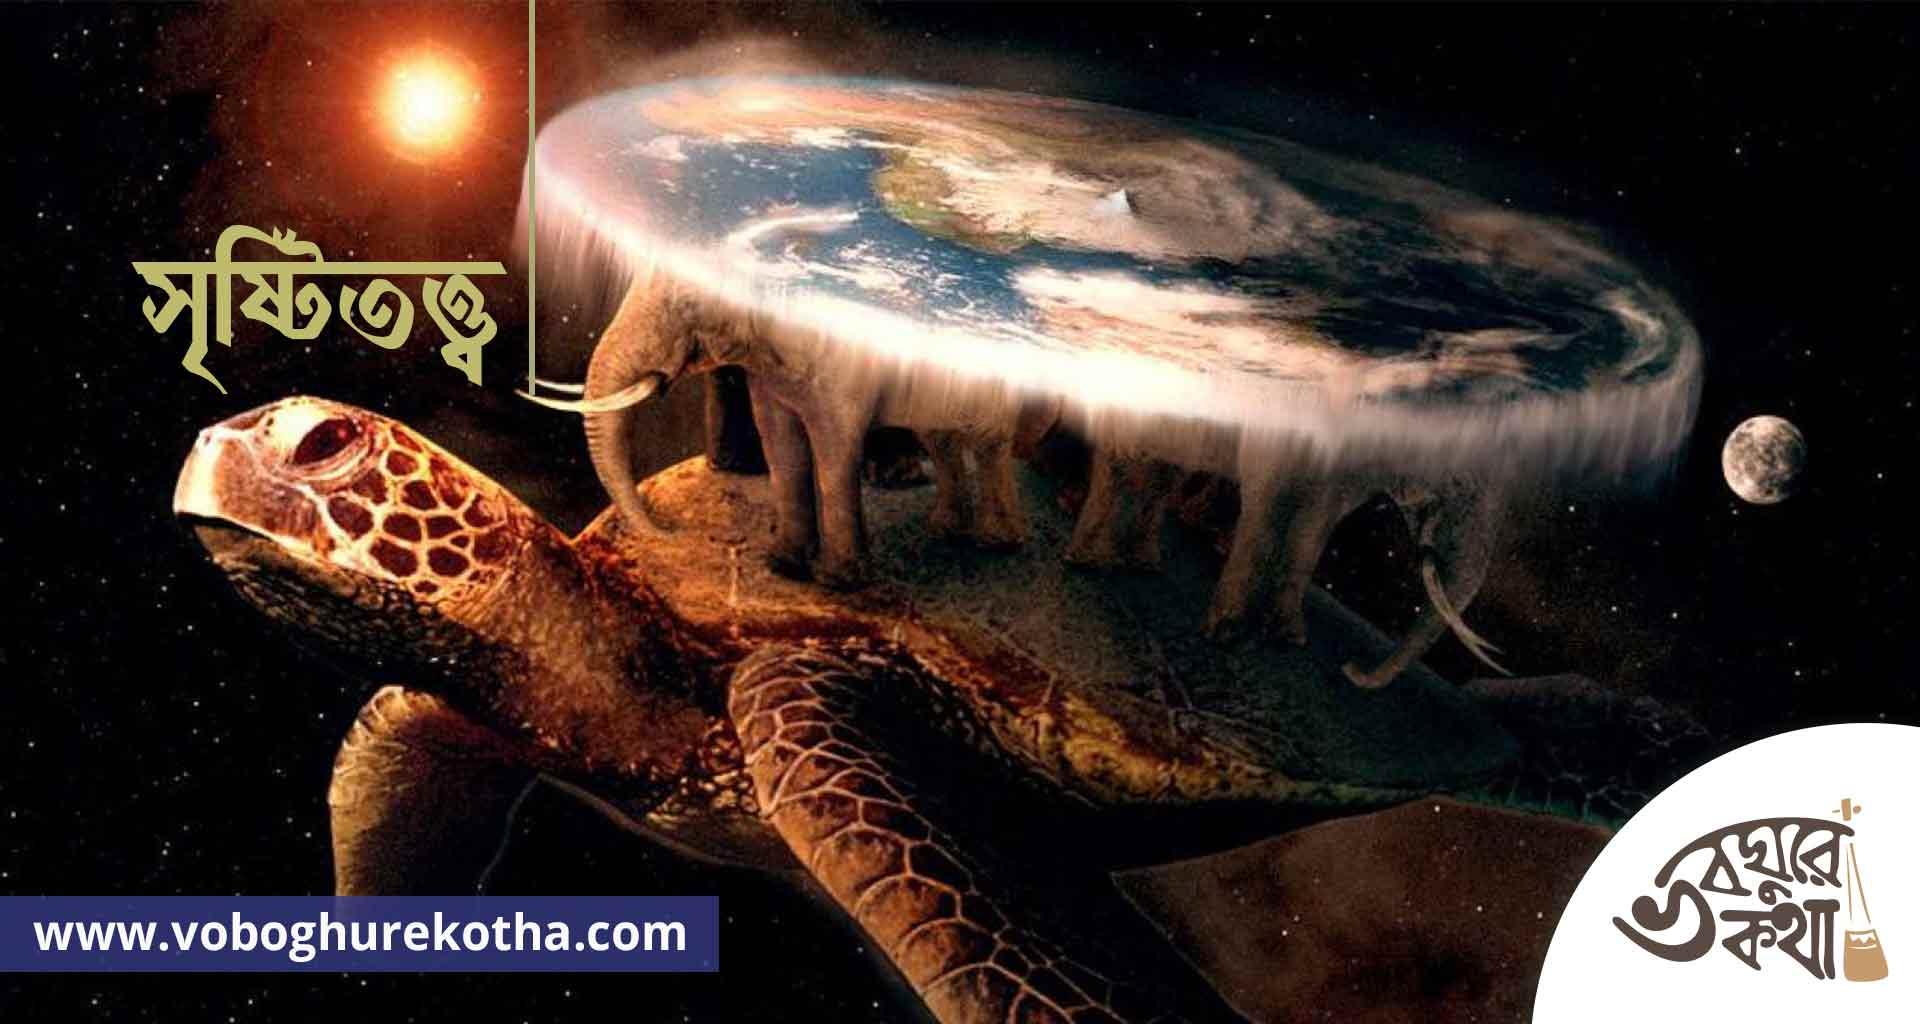 ব্রহ্মা সৃষ্টি রহস্য ব্রহ্মাণ্ড মহাবিশ্ব জগৎ ভু